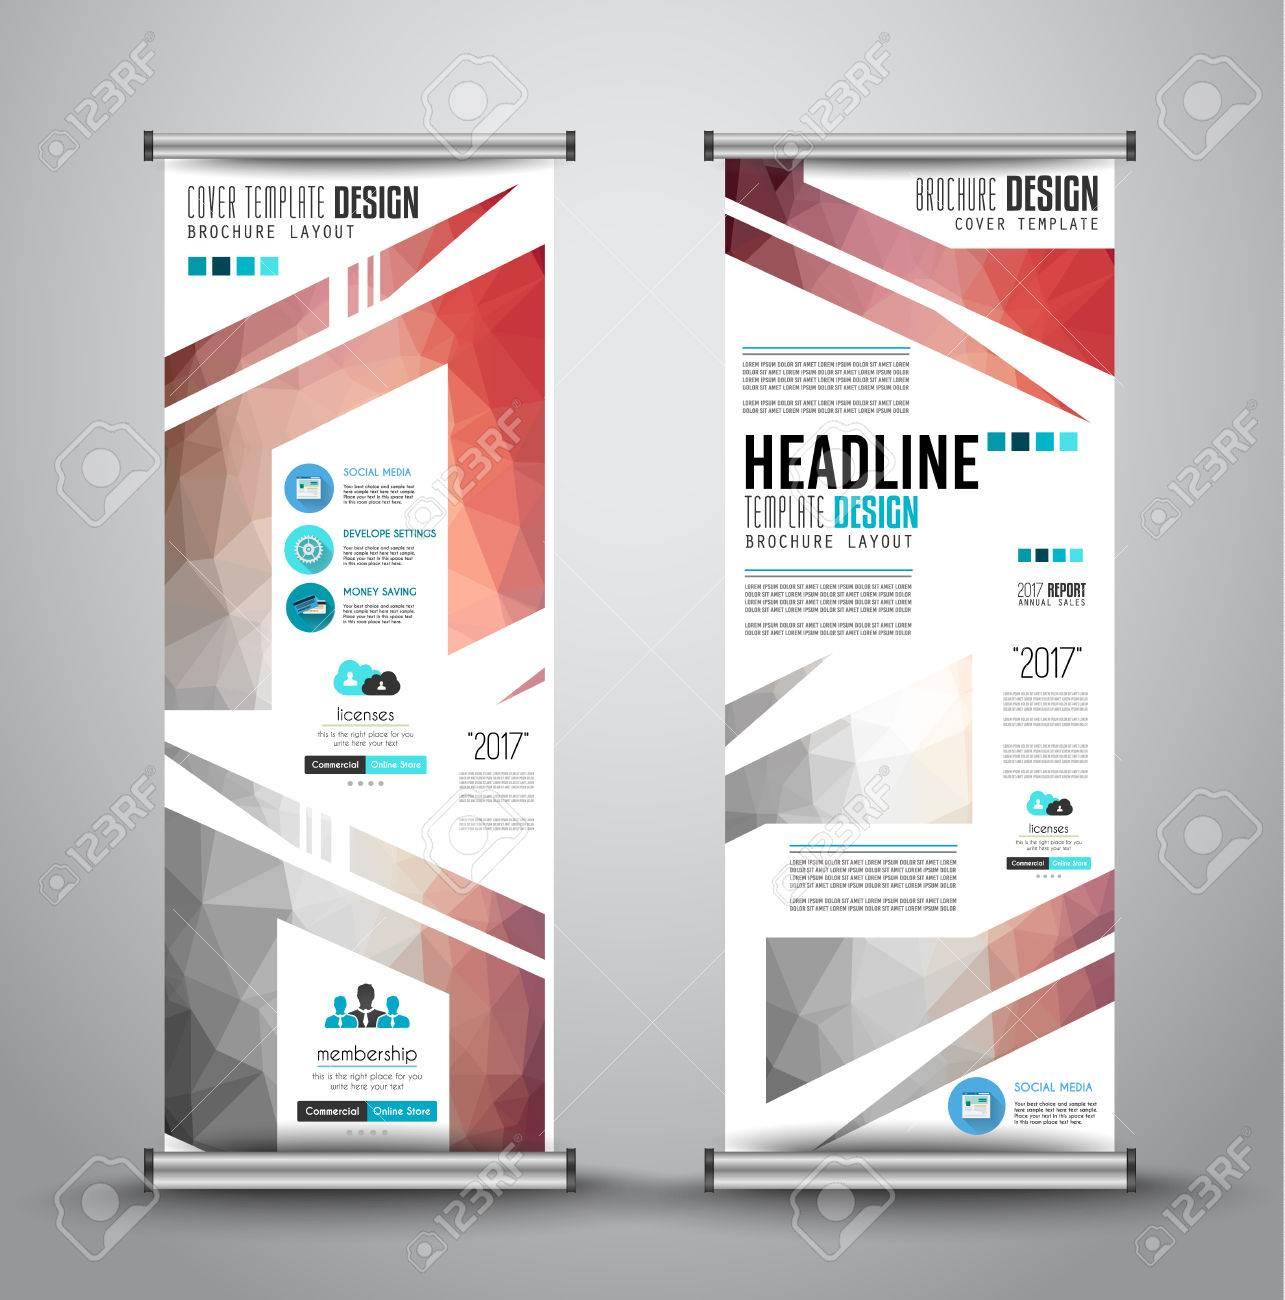 Werbung Rollen Geschäft Oder Broschüre Banner Mit Vertikalen Design